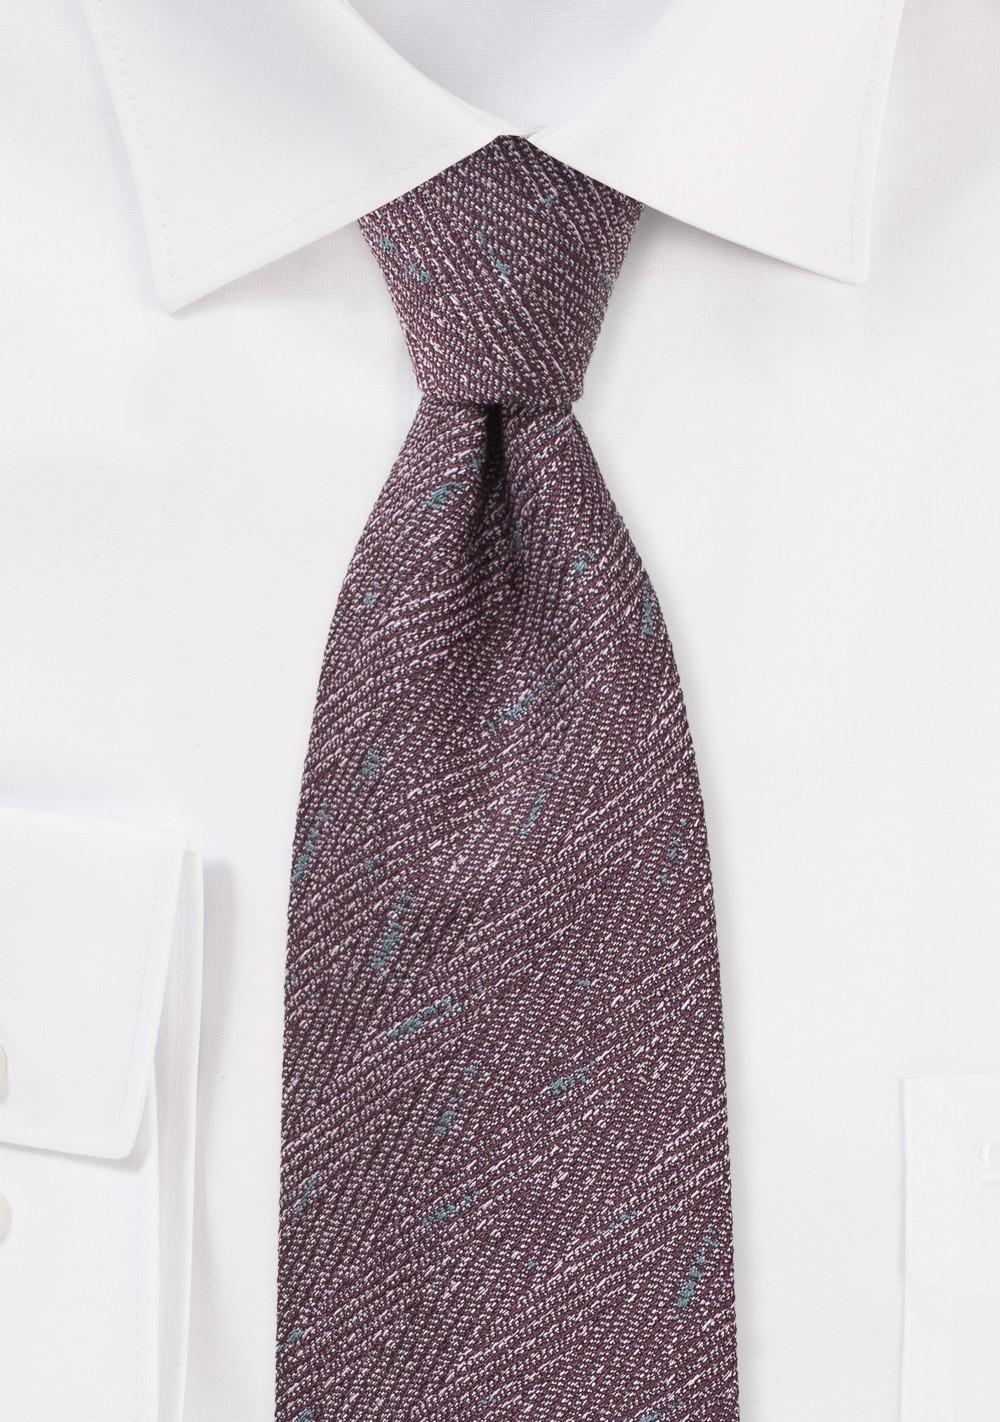 Herringbone Wool Tie in Winter Grape